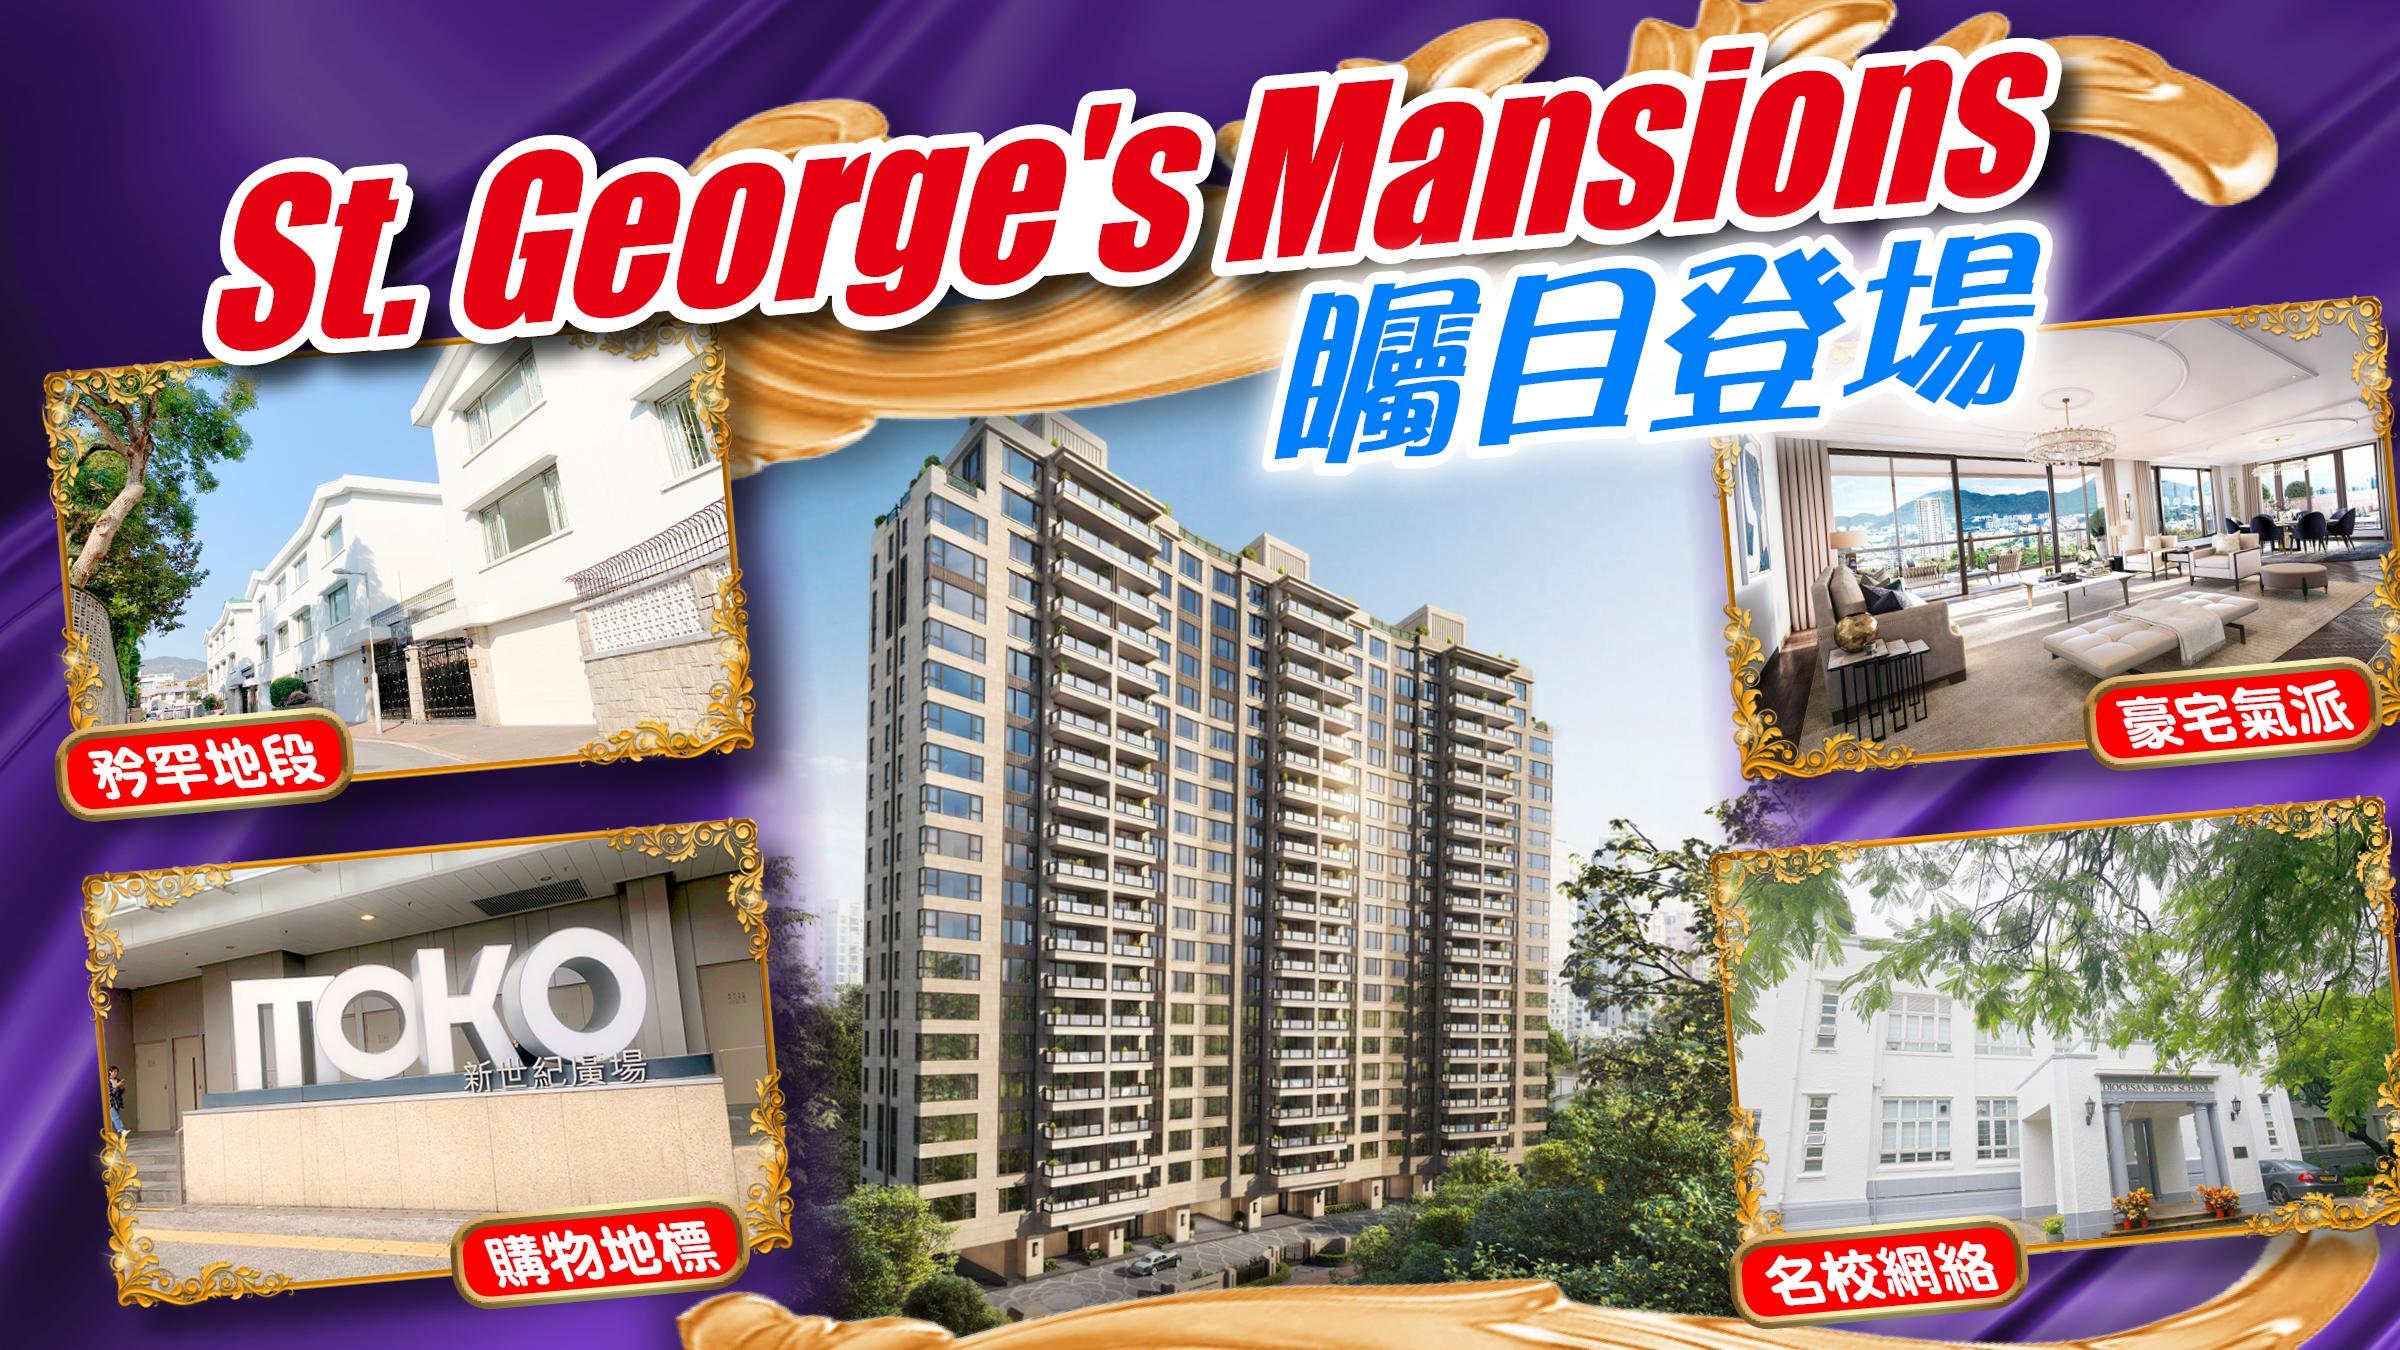 【一手盤攻略】St. George's Mansions 殿堂級鬧市綠洲|即時新聞|財經|on.cc東網